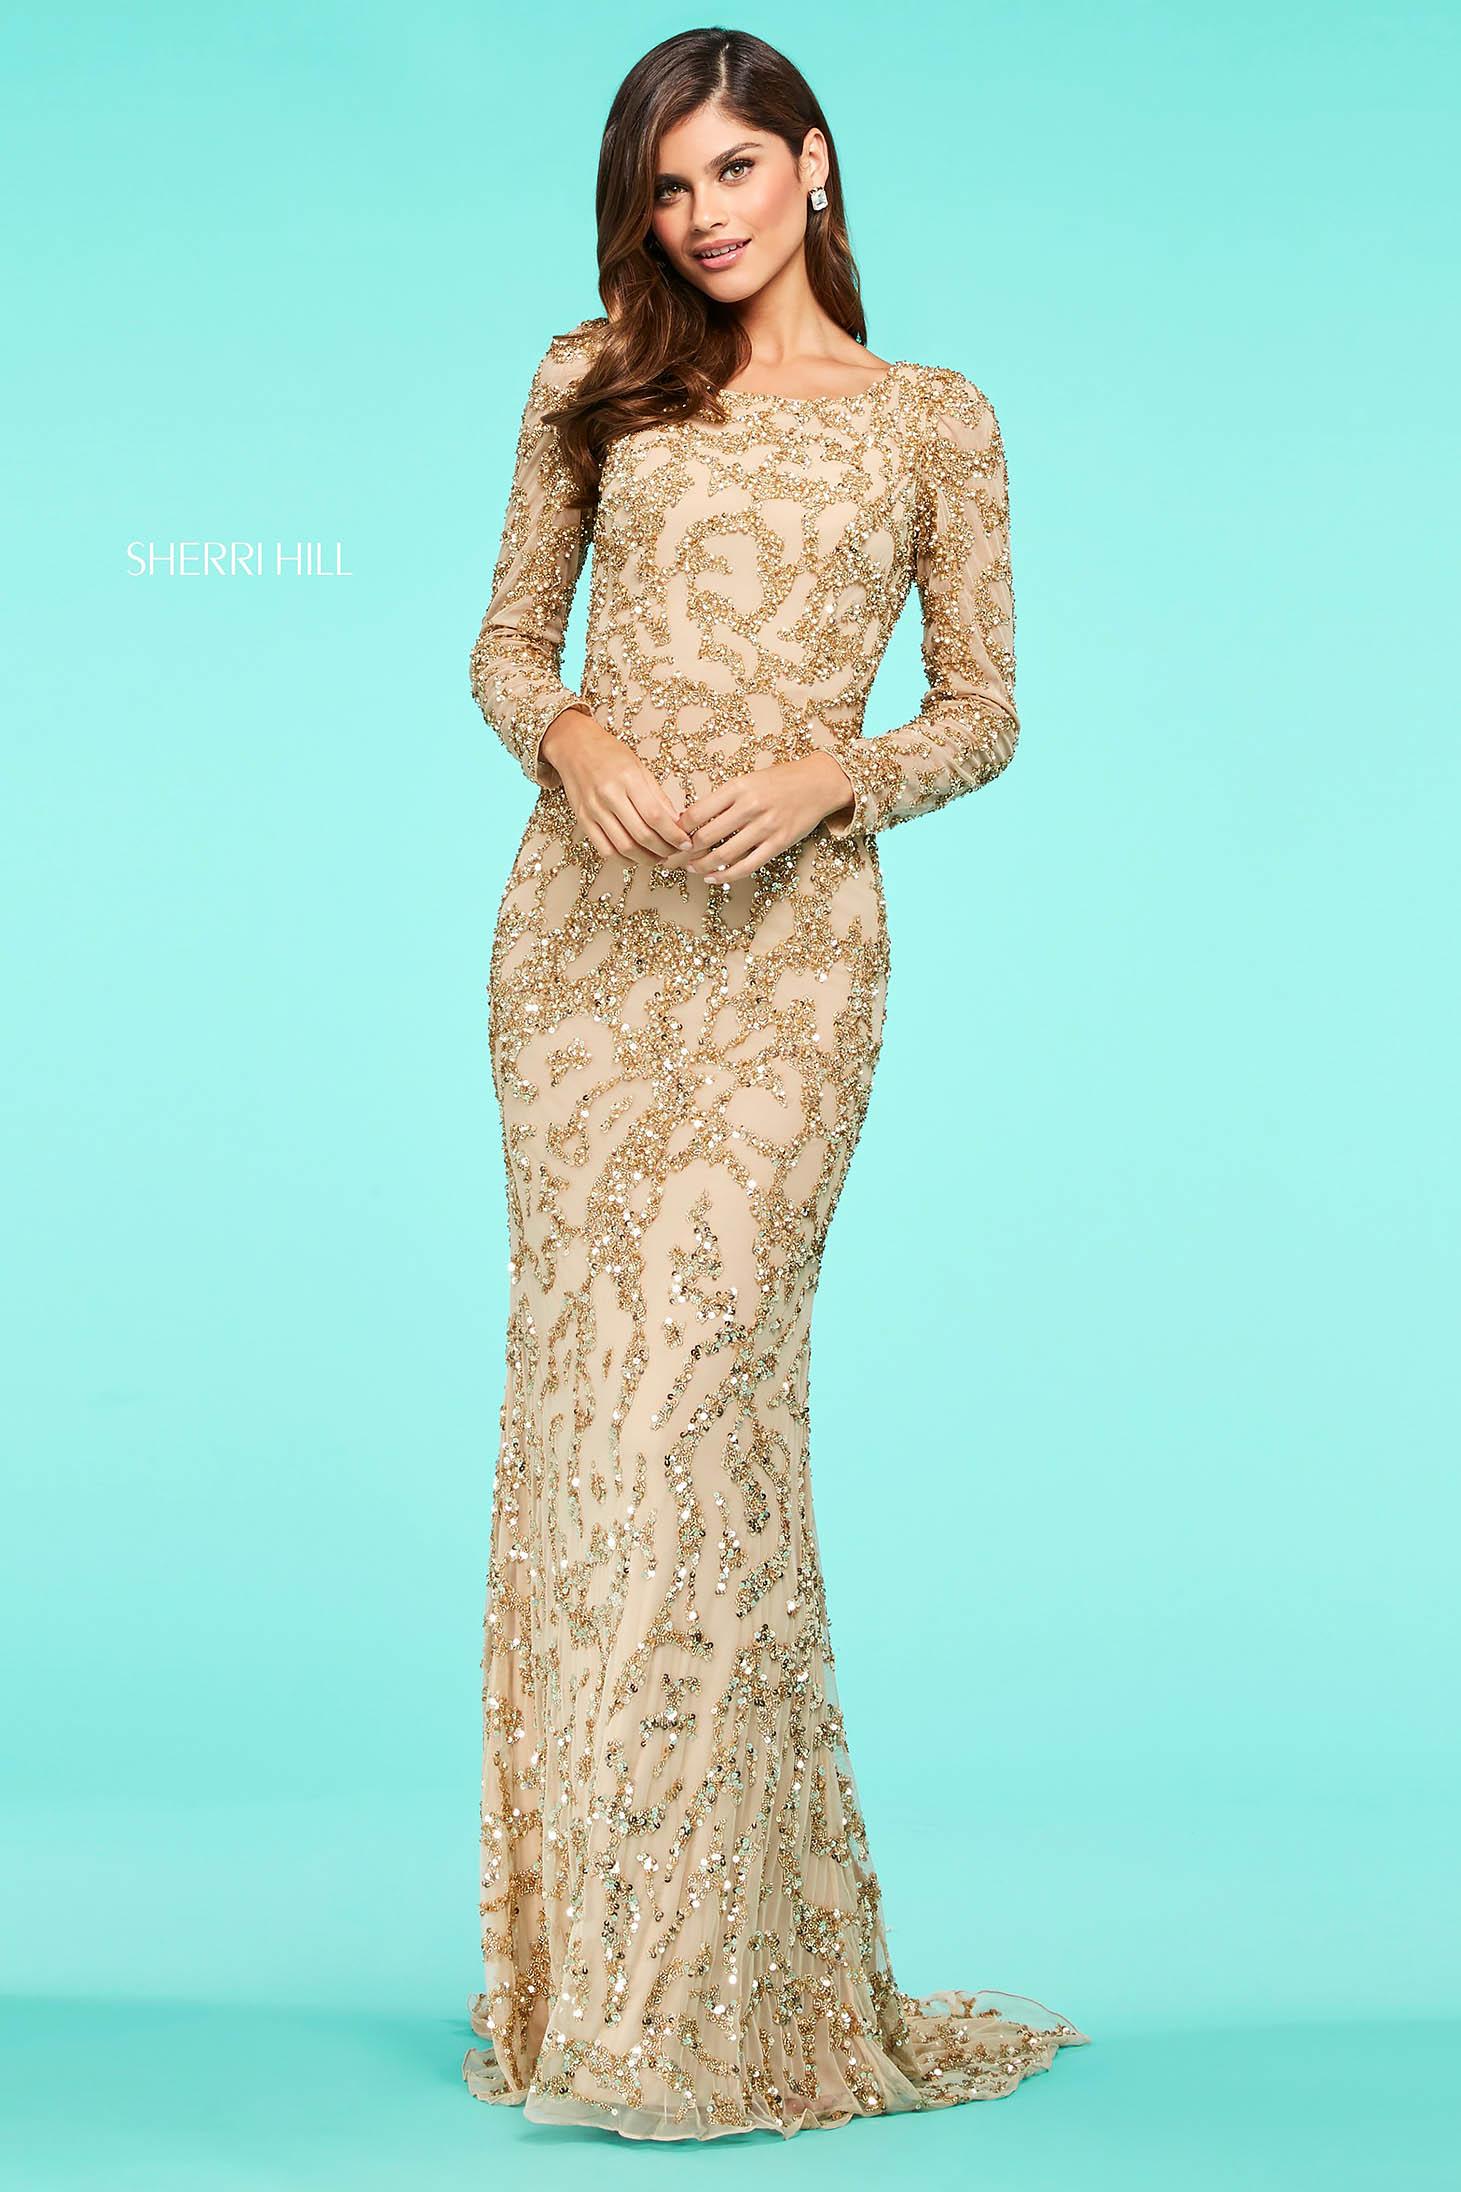 Rochie Sherri Hill 53670 gold